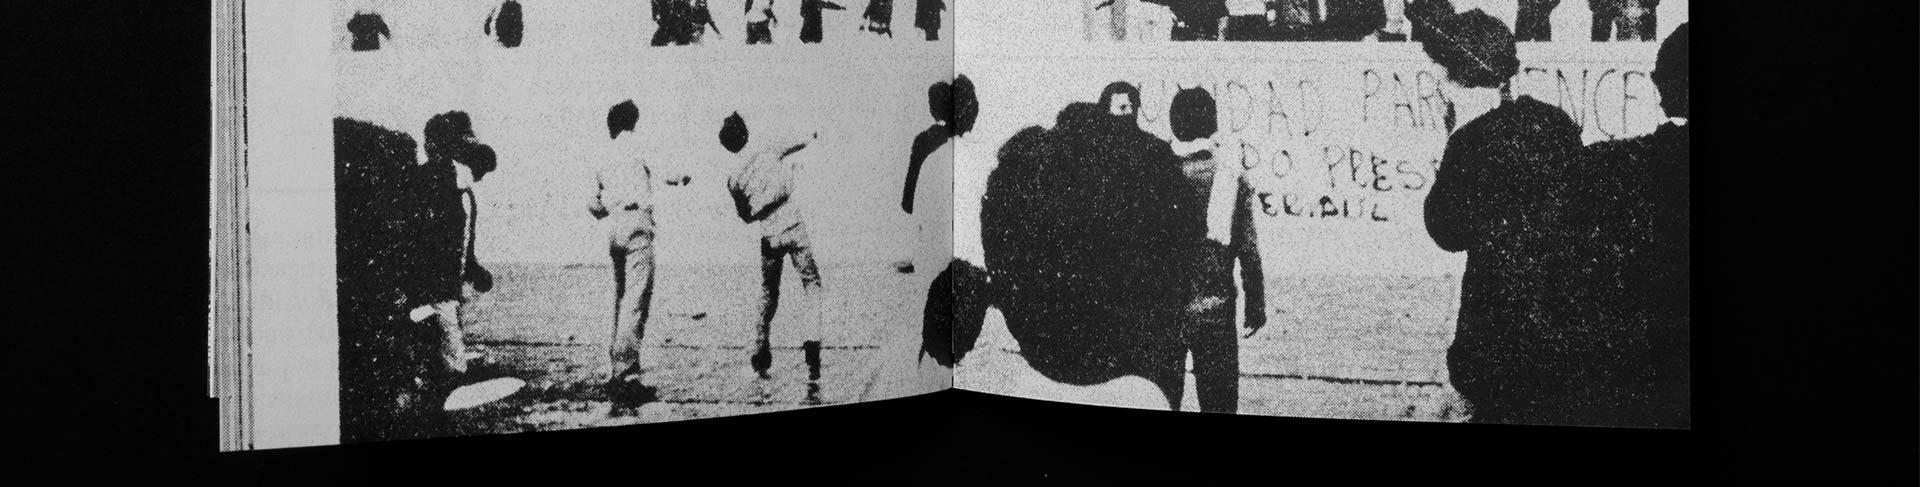 kitschic-fabio-morais-36-home